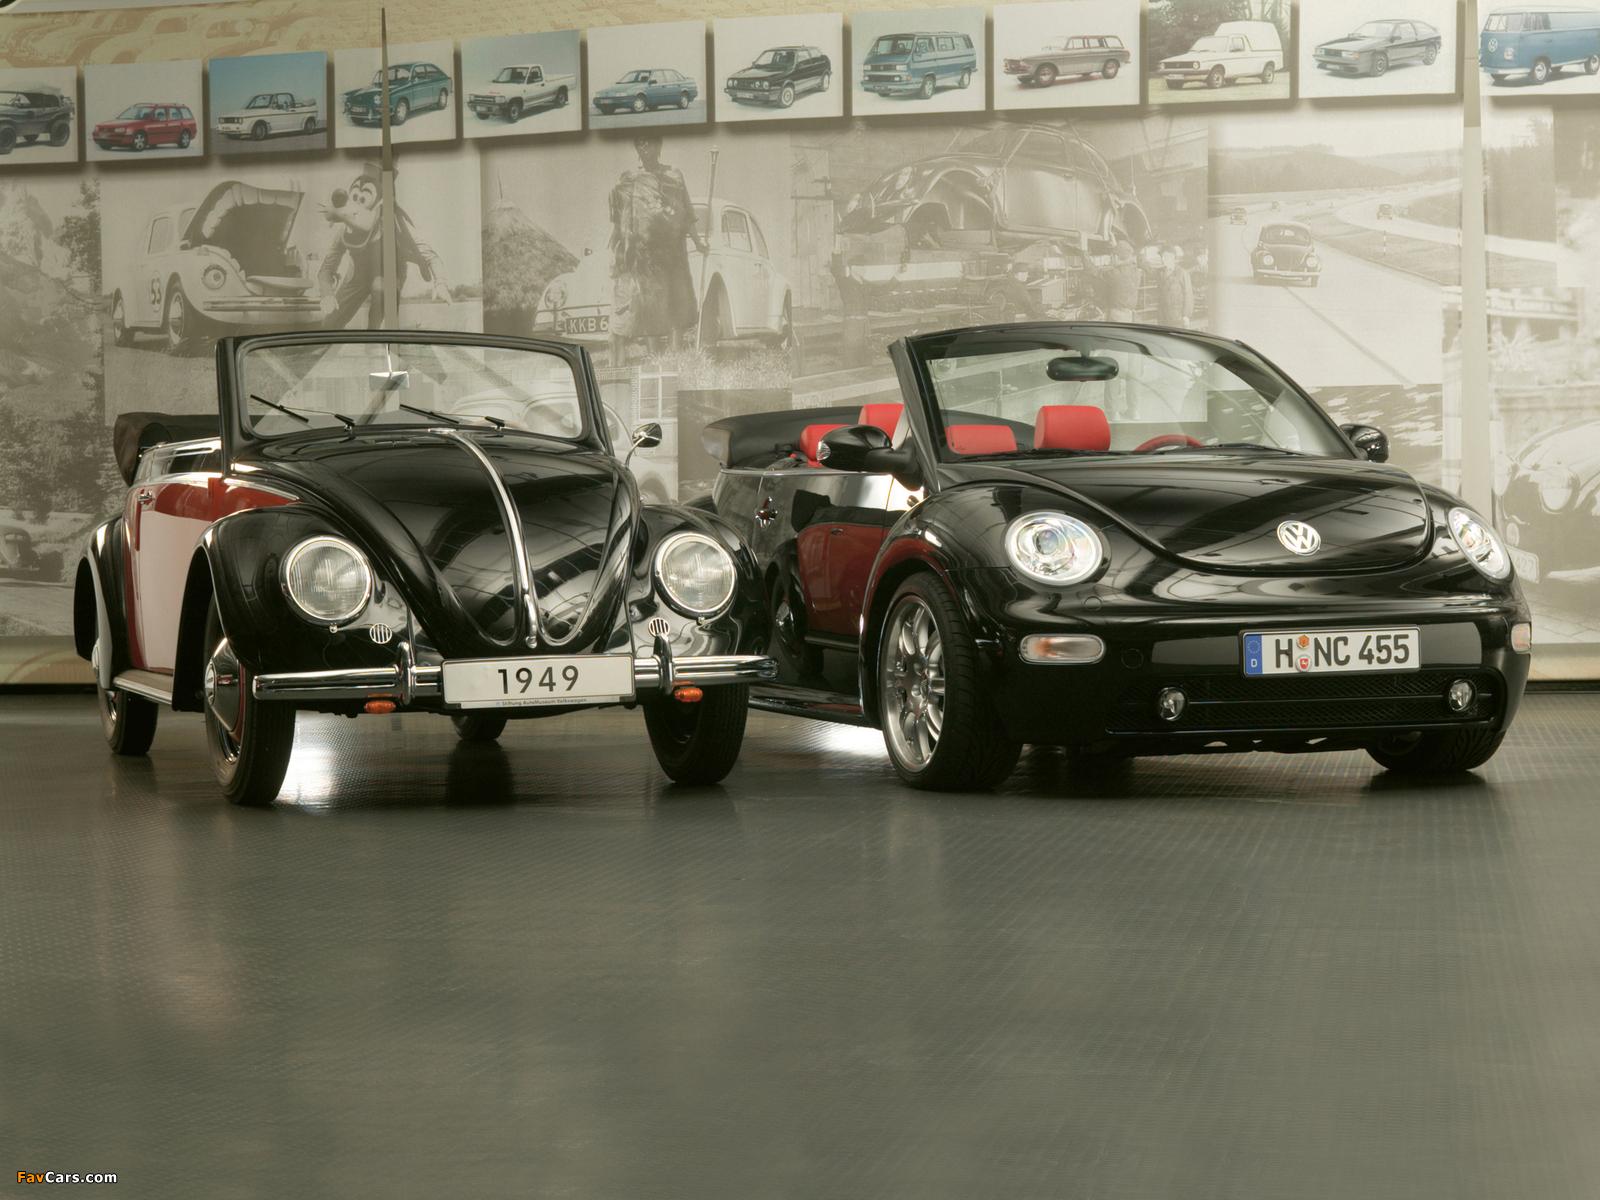 Photos of Volkswagen Beetle / Käfer (1600 x 1200)